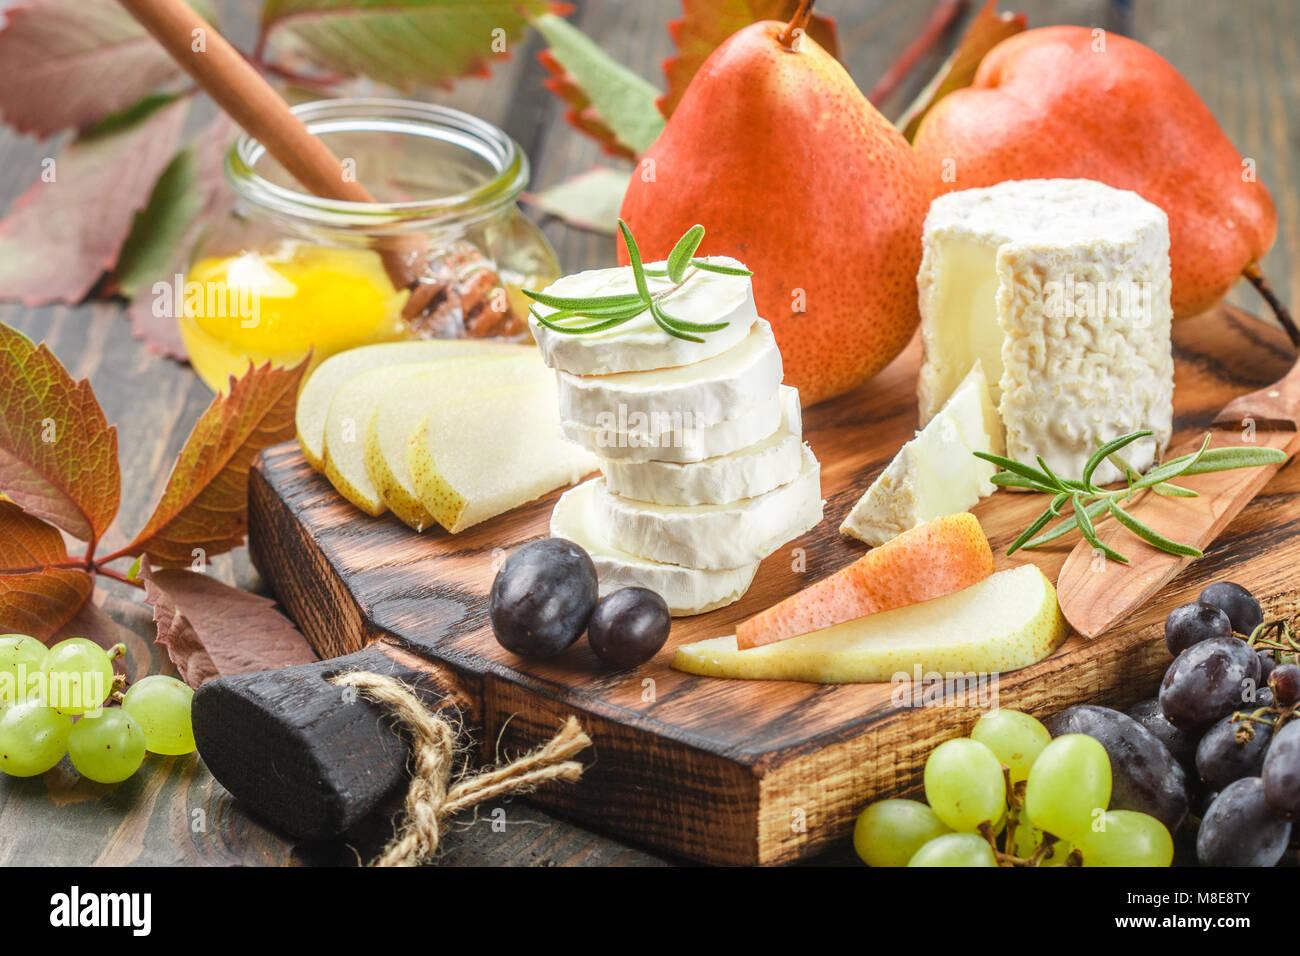 Queso de cabra con frutas y miel. El camembert. Bree. Uva, pera y romero. Vino Gourmet aperitivos. Enfoque selectivo Imagen De Stock